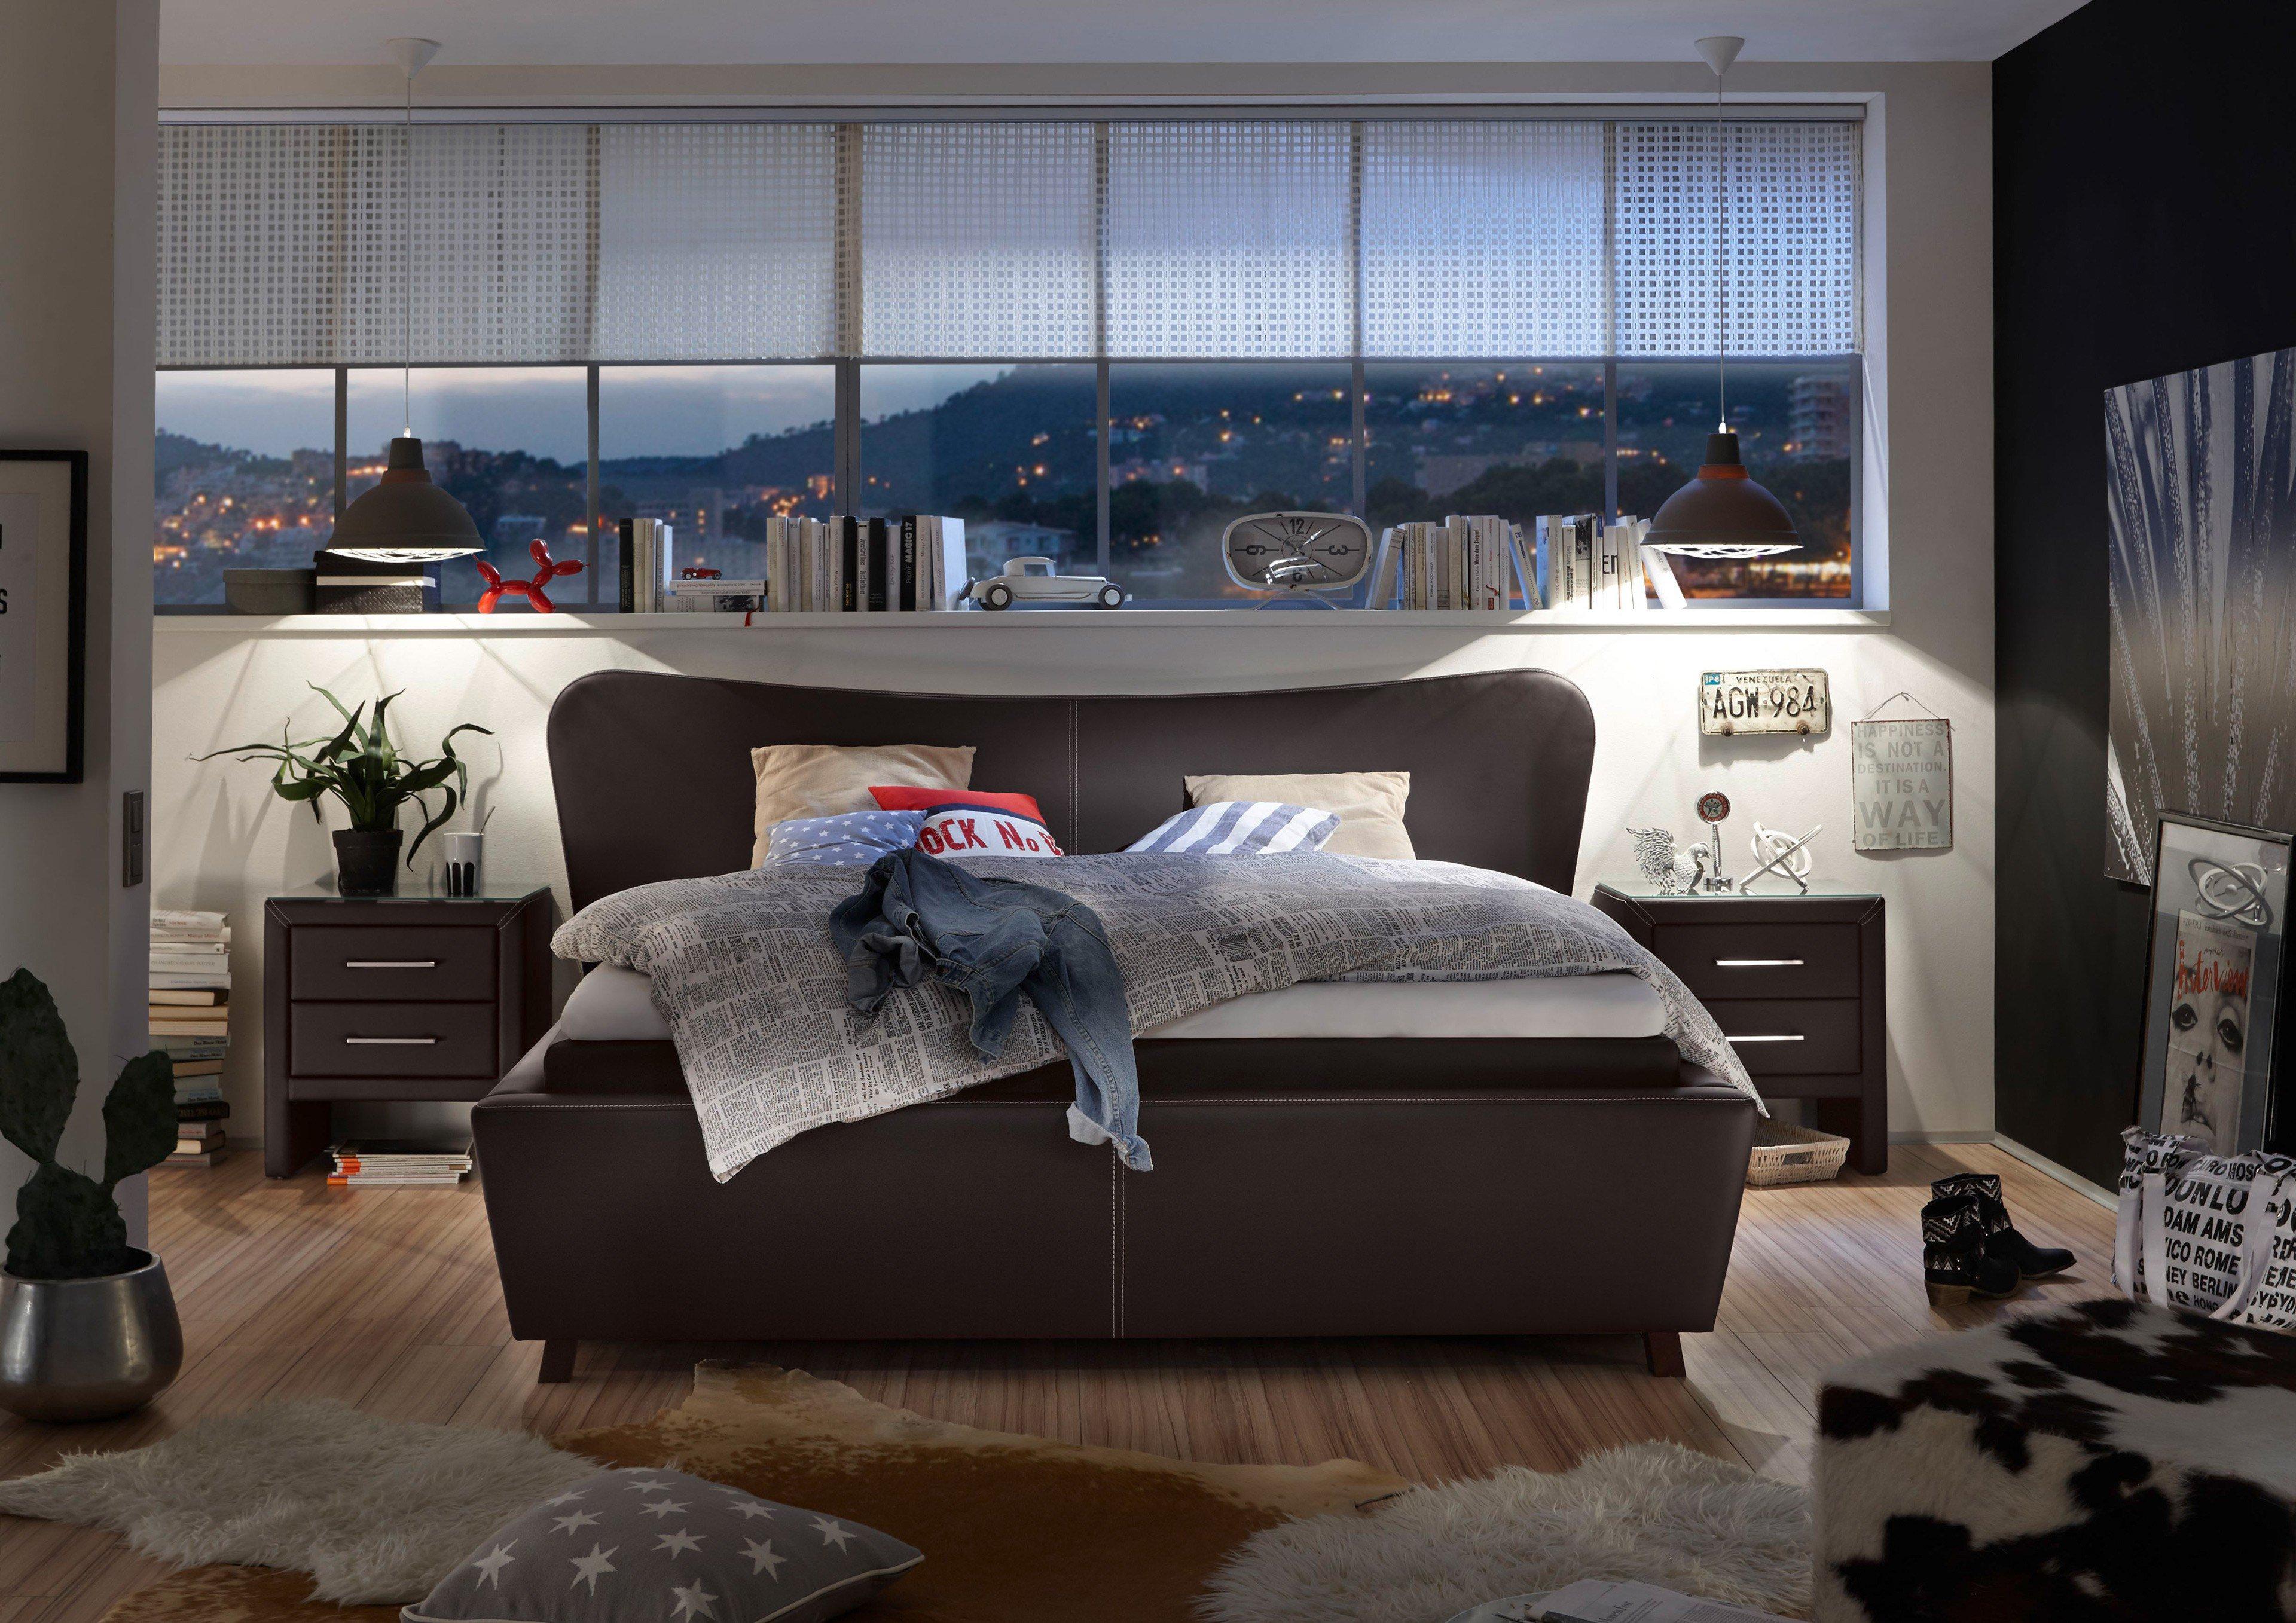 1601 von stellwerk boxspringbett 180 schwarz - Entzuckend Schlafzimmer Schwarz Planung